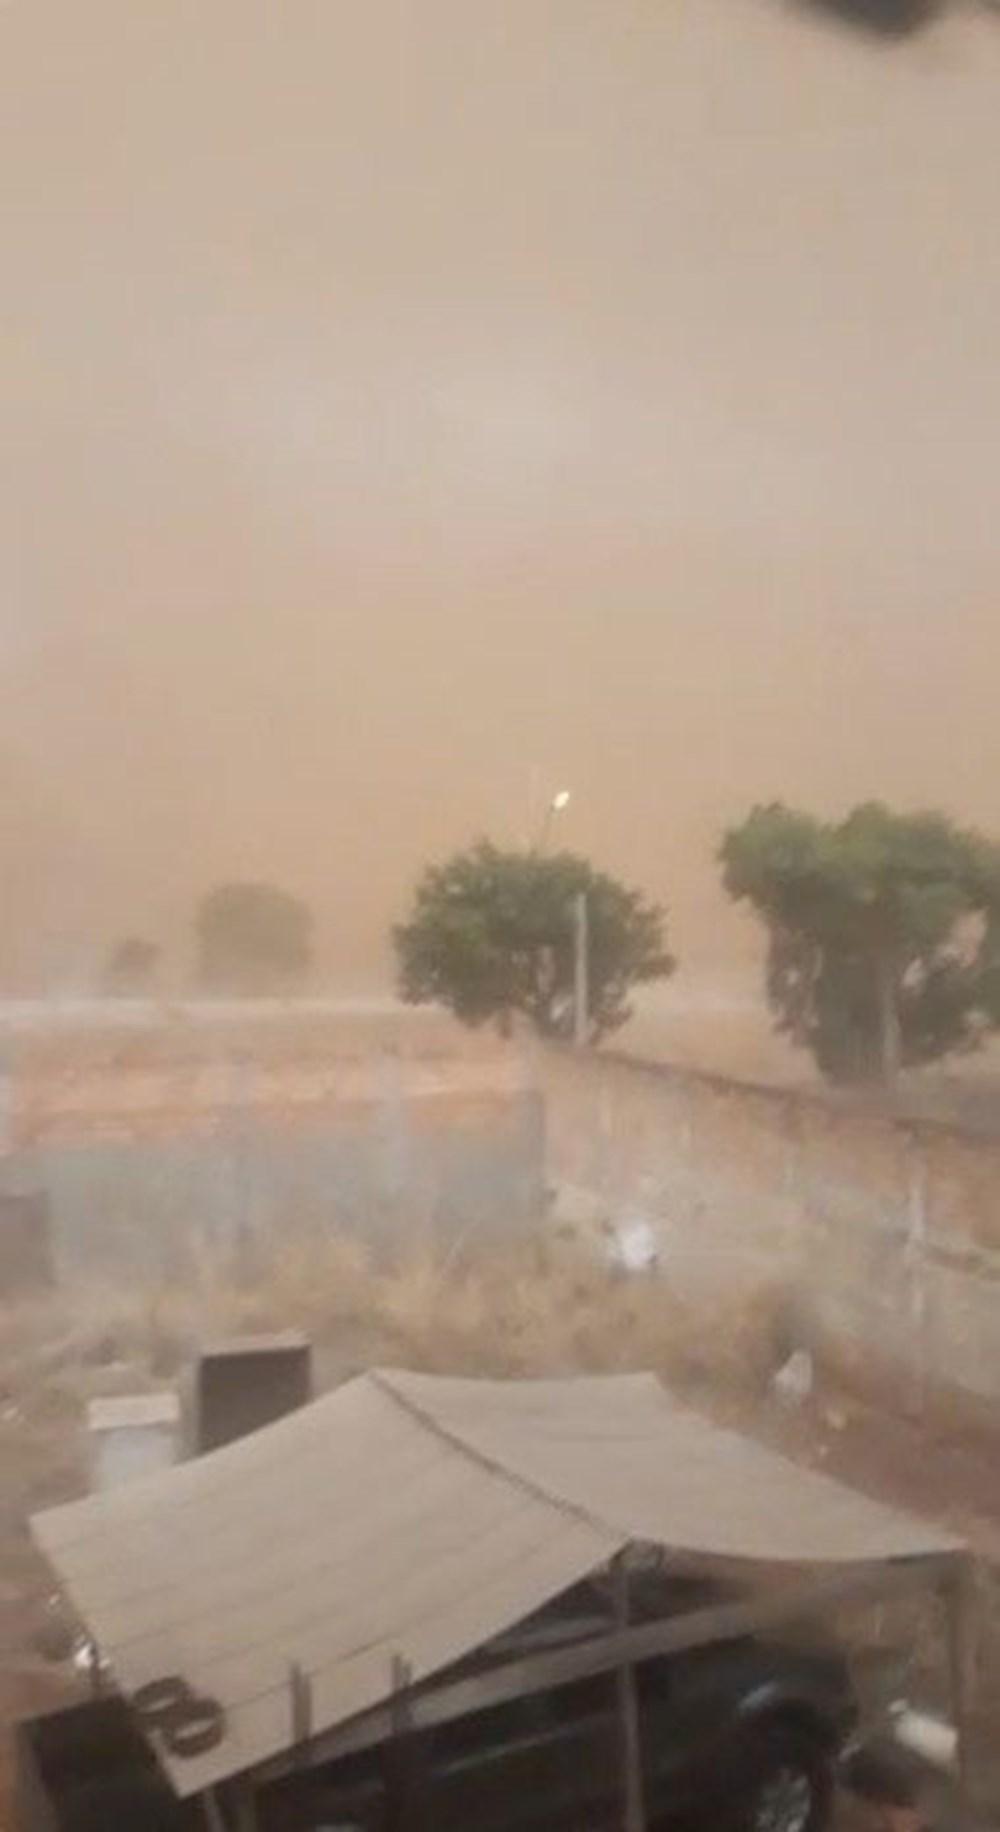 Brezilya'da kıyamet filmini aratmayan kum fırtınası: Binalar ortadan kayboldu - 6